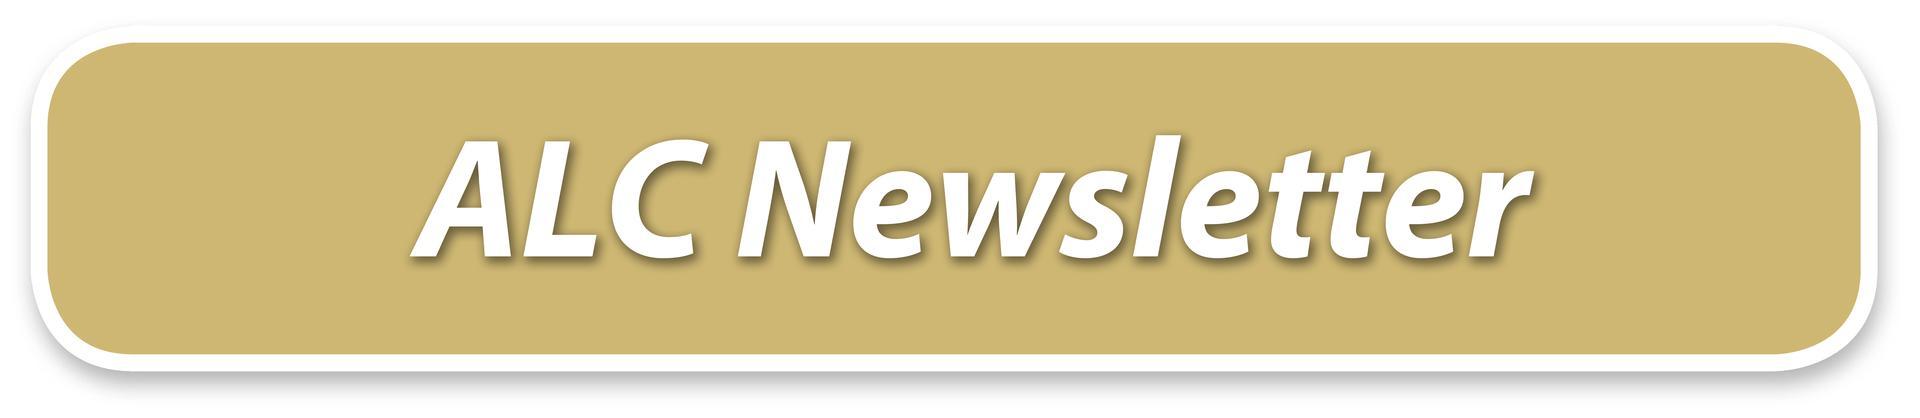 ALC Newsletter